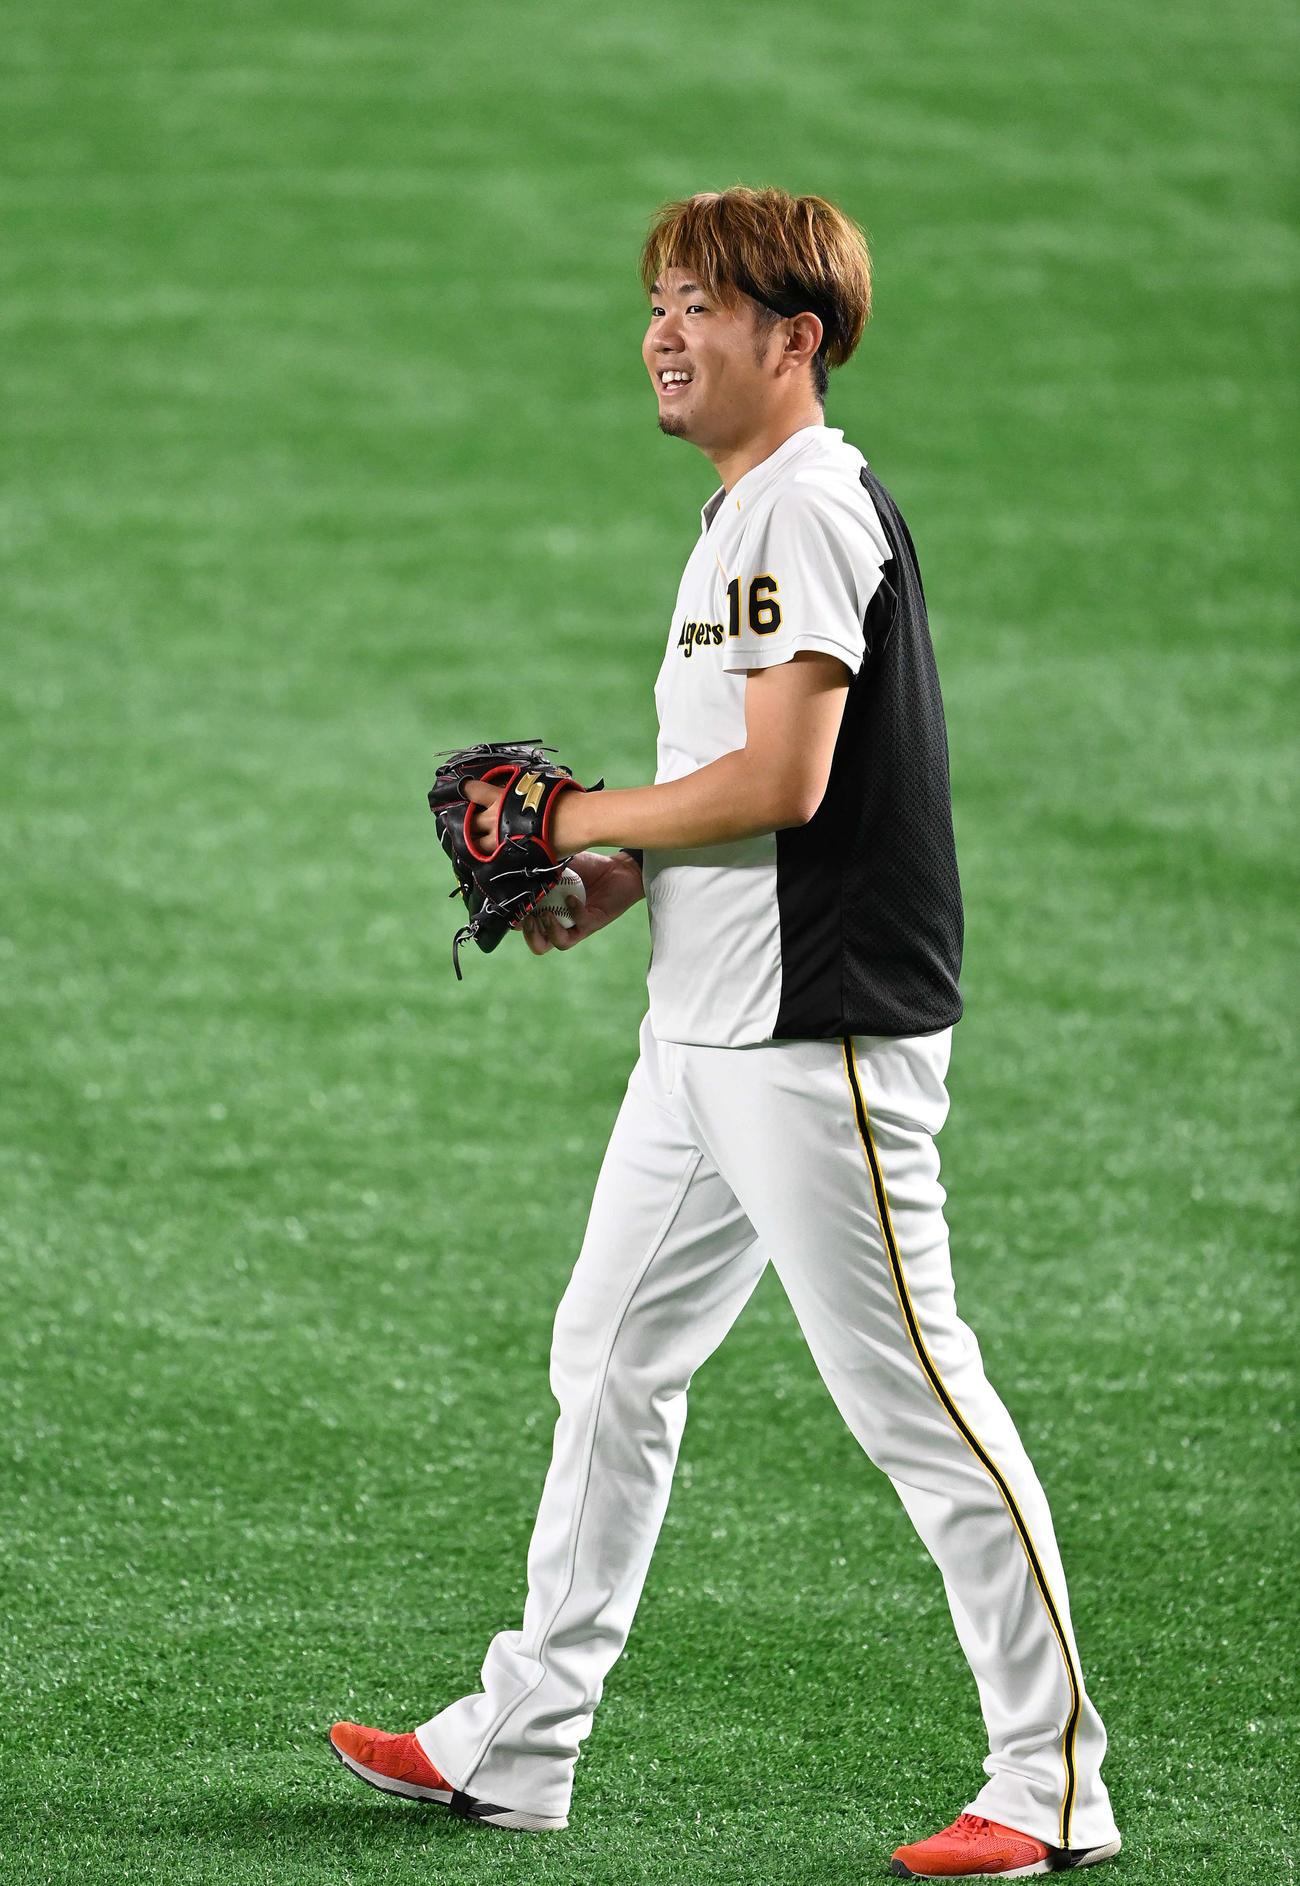 巨人対阪神 試合前練習のキャッチボールで笑顔の阪神西勇(撮影・鈴木みどり)